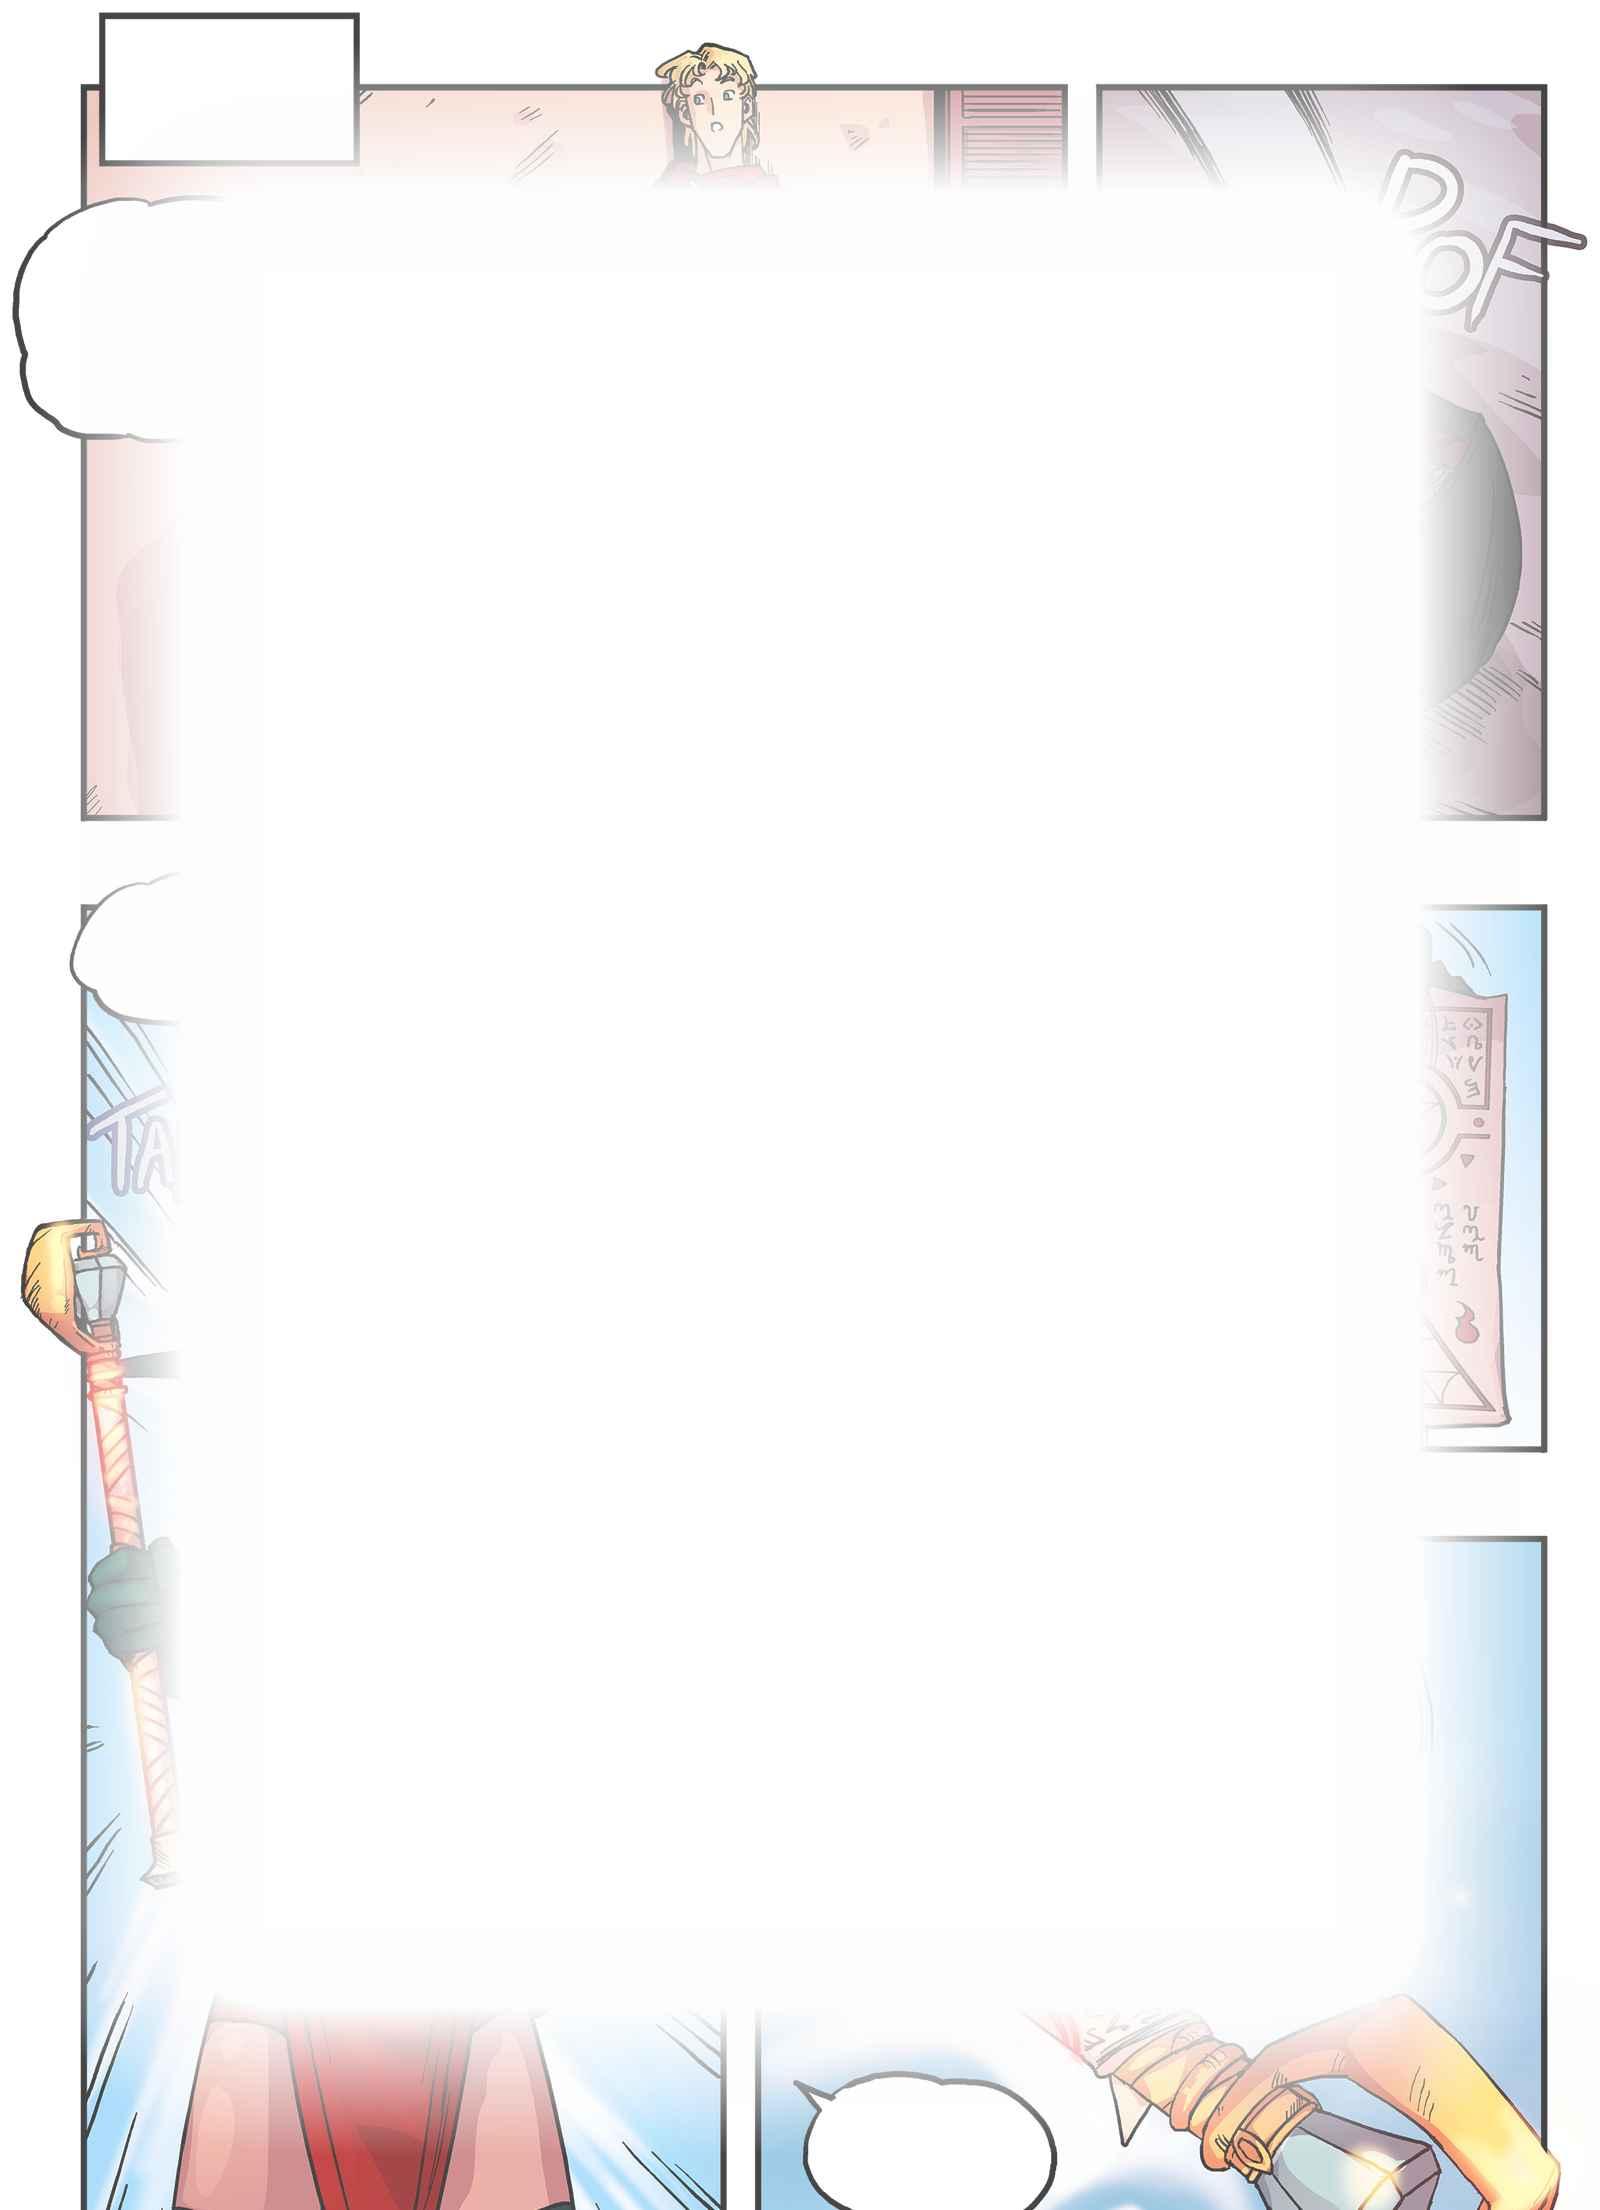 Hémisphères : Chapter 6 page 3